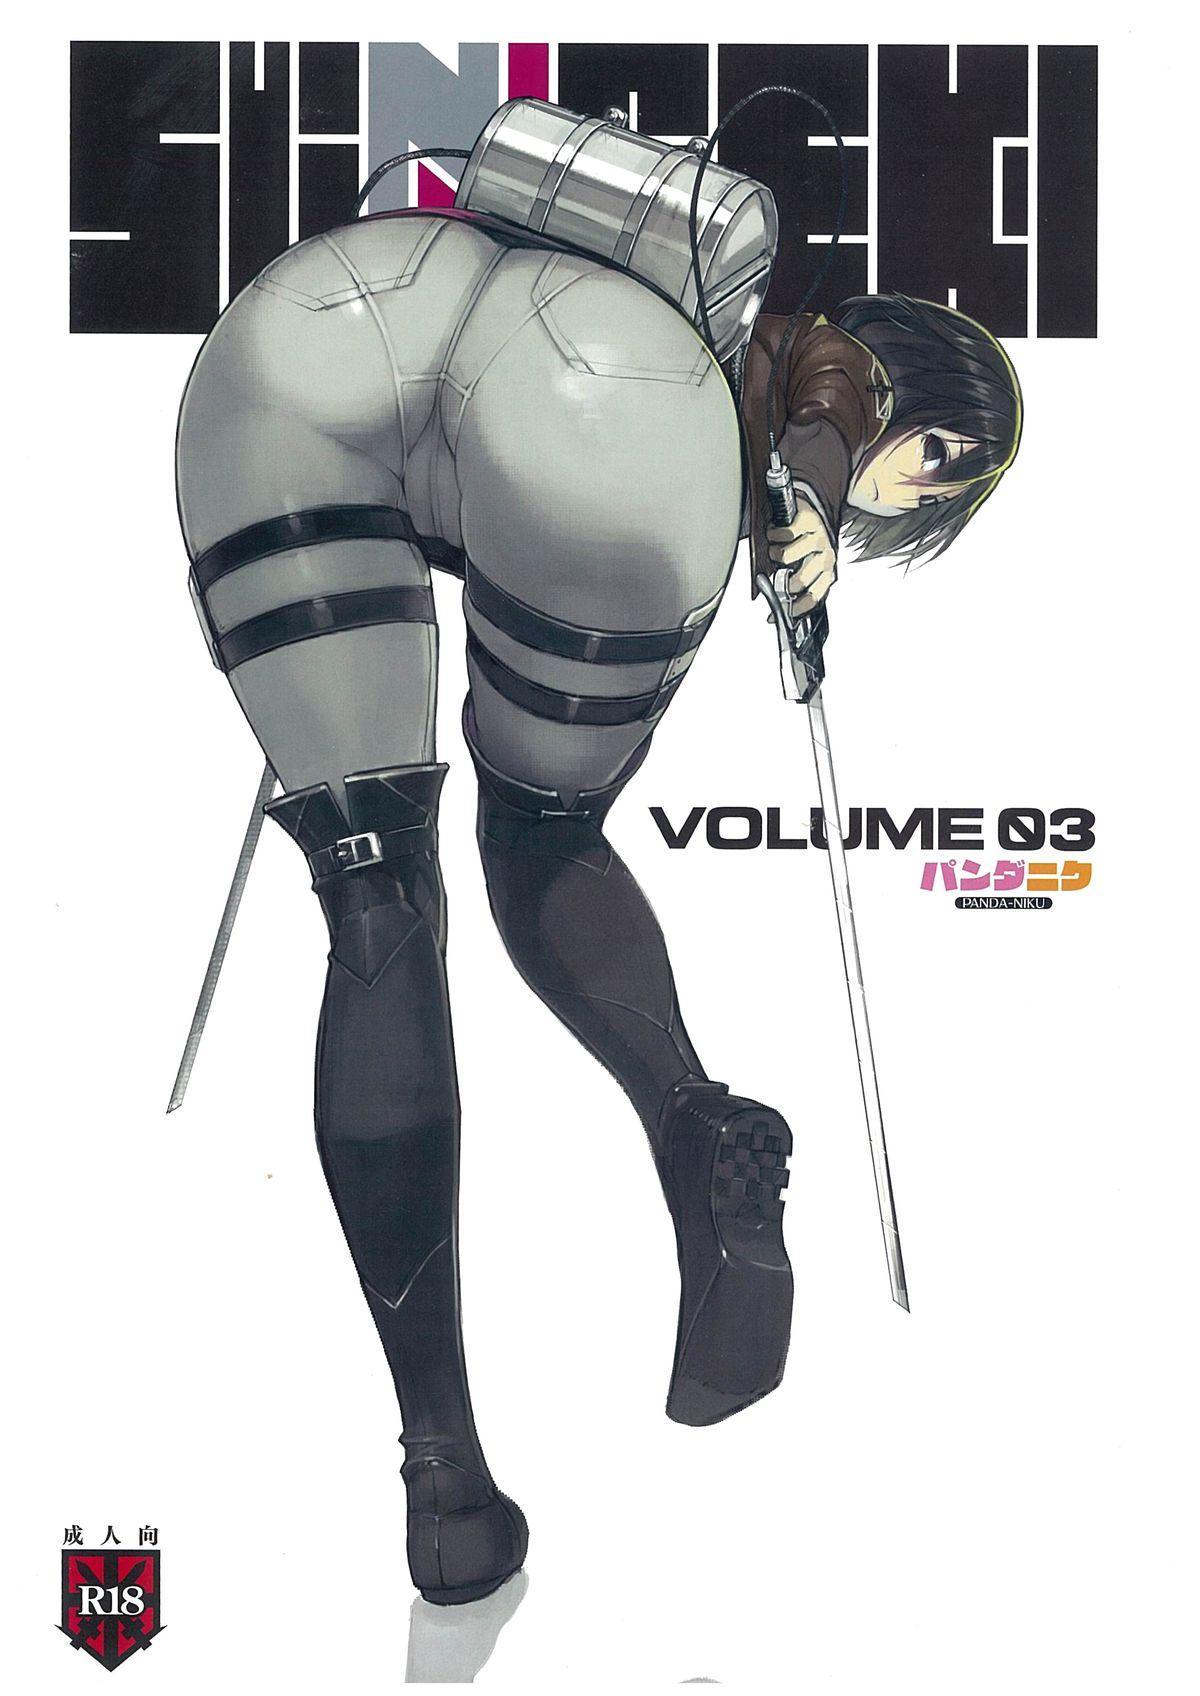 SHINNGEKI vol. 3 17